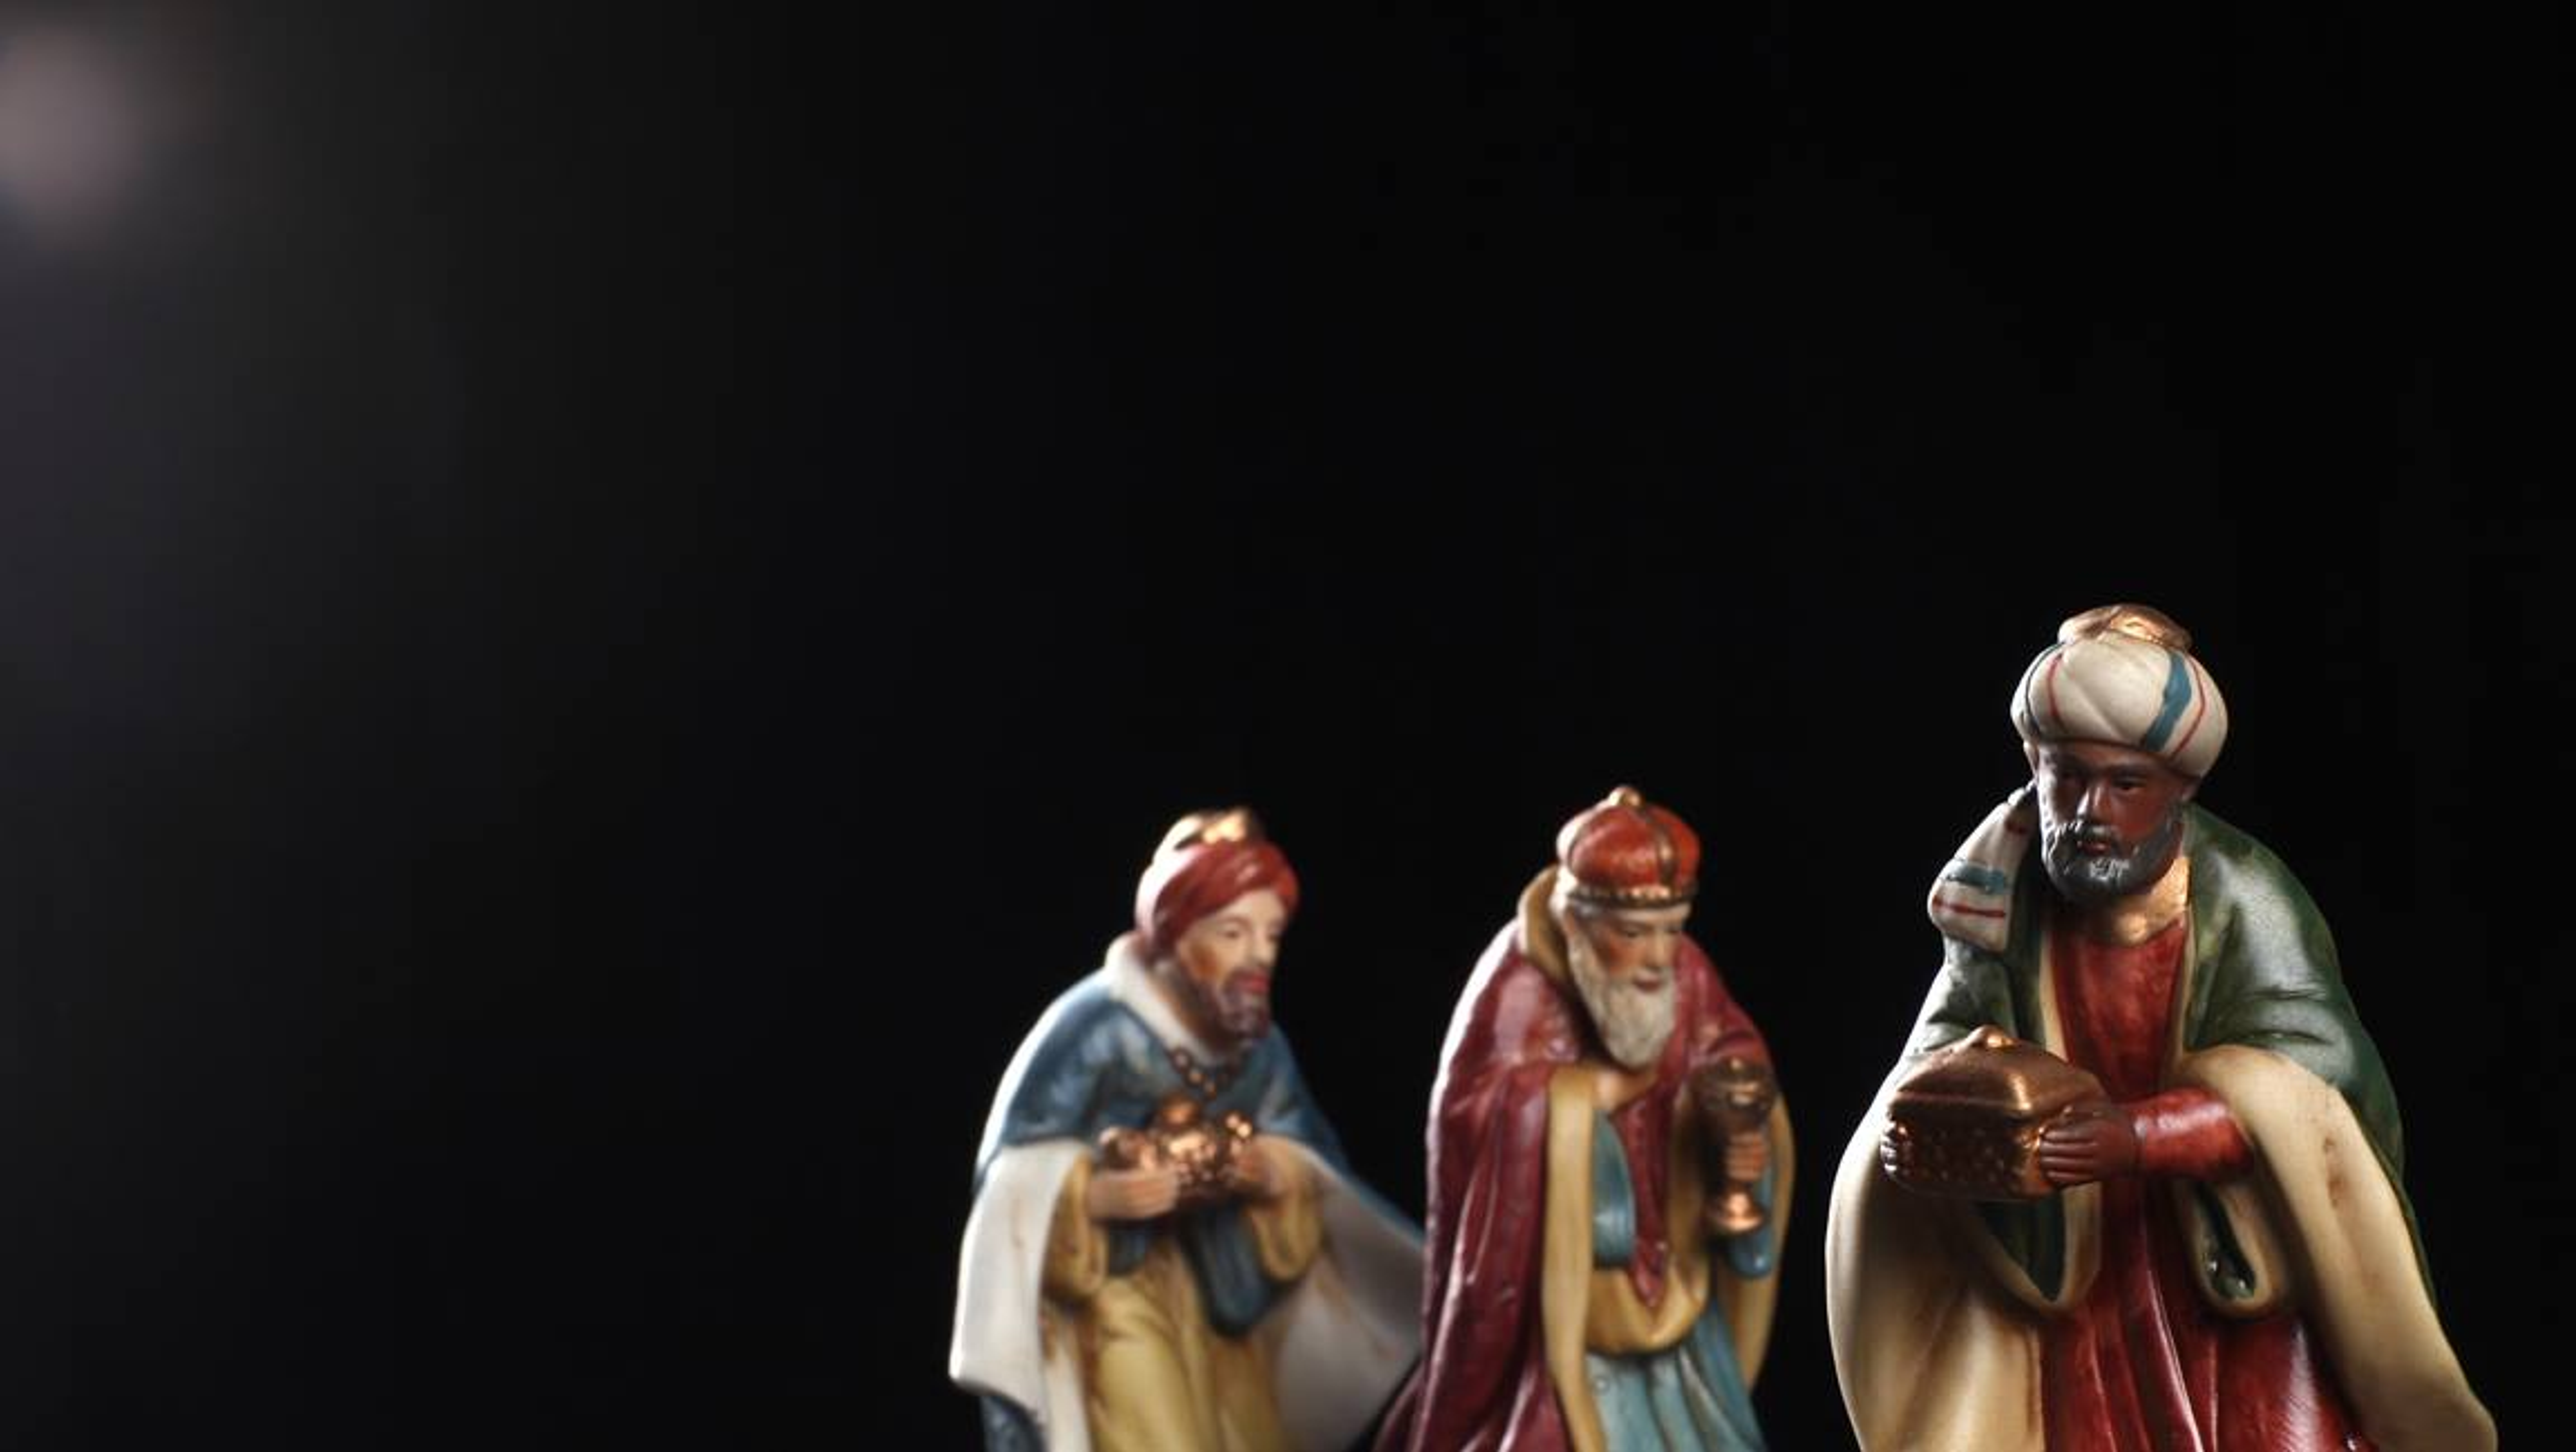 주현절을 묘사하기 위해 연합감리교회 공보부 스튜디오에서 촬영한 동방박사들. 사진 케서린 베리( Kathleen Barry), 연합감리교회 뉴스